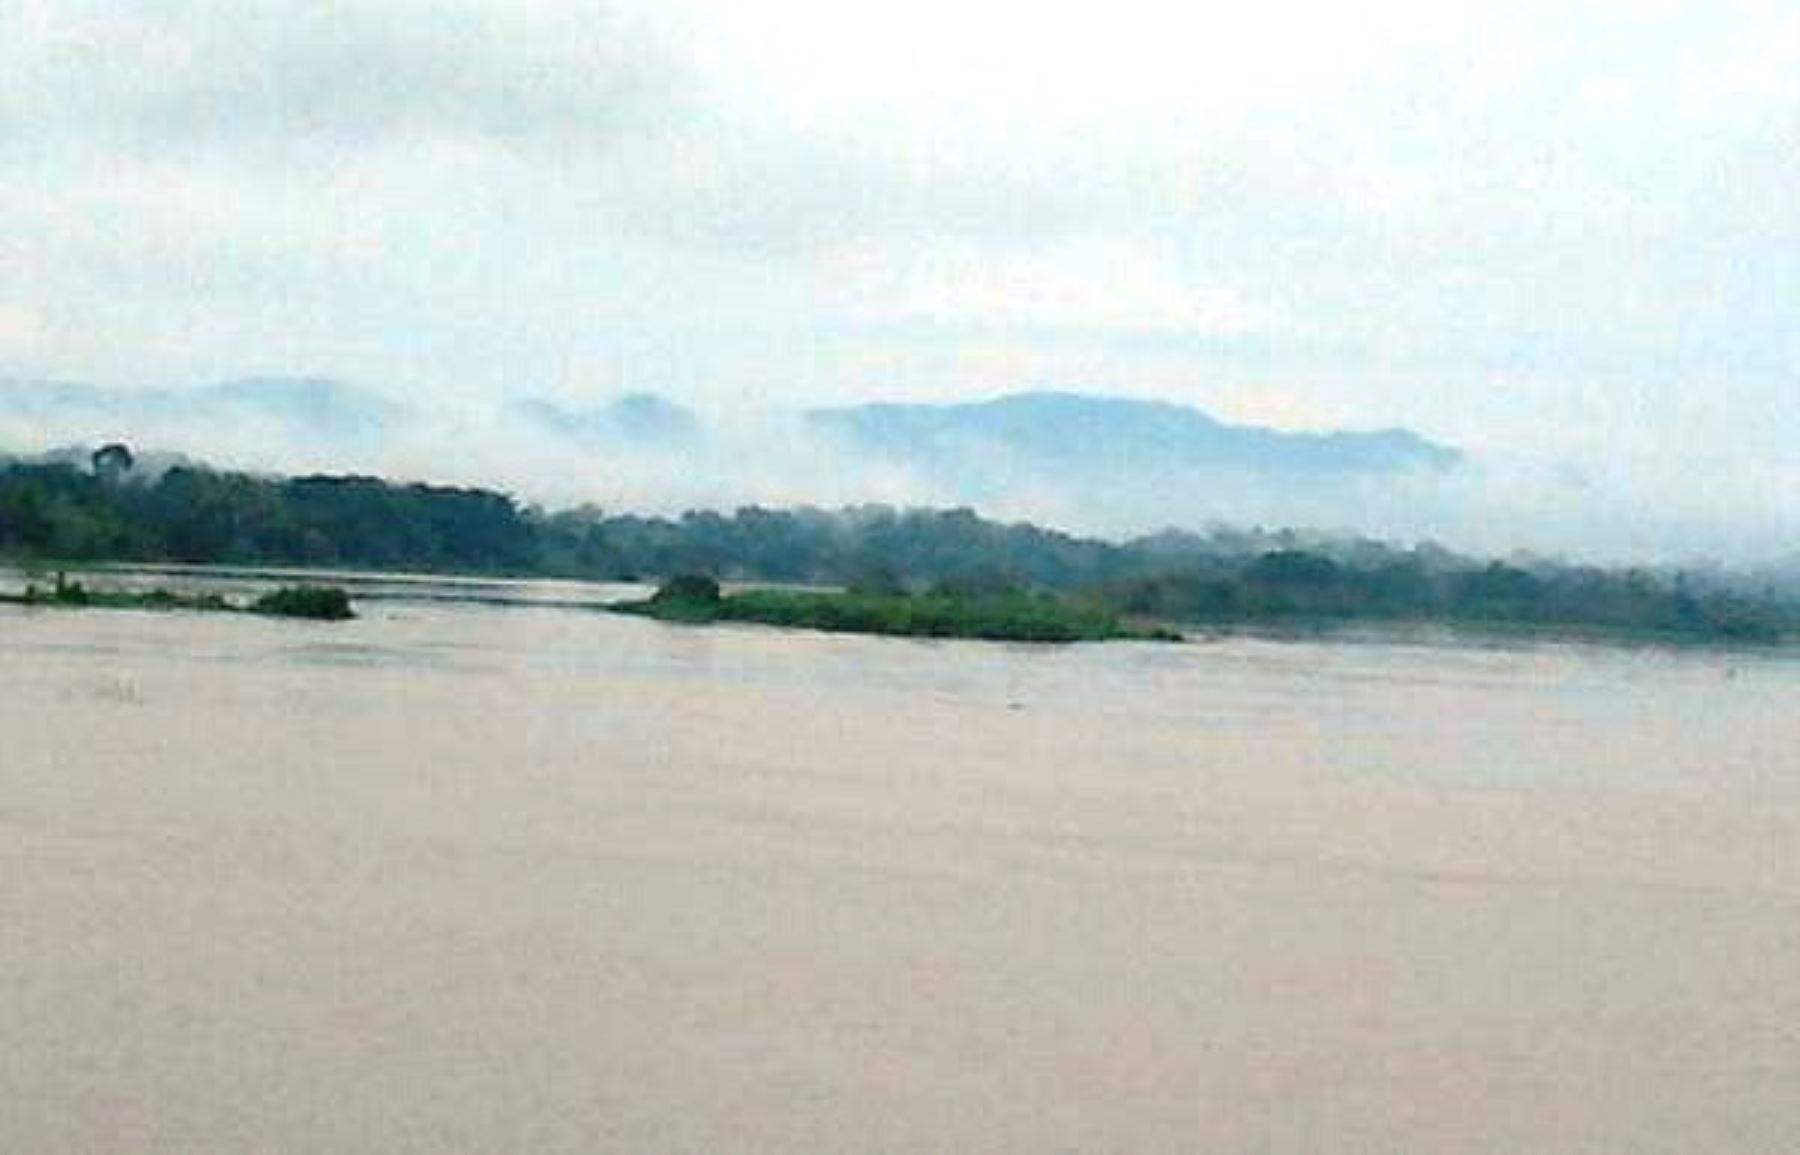 Nivel de ríos amazónicos aumenta por presencia de lluvias intensas en la selva.